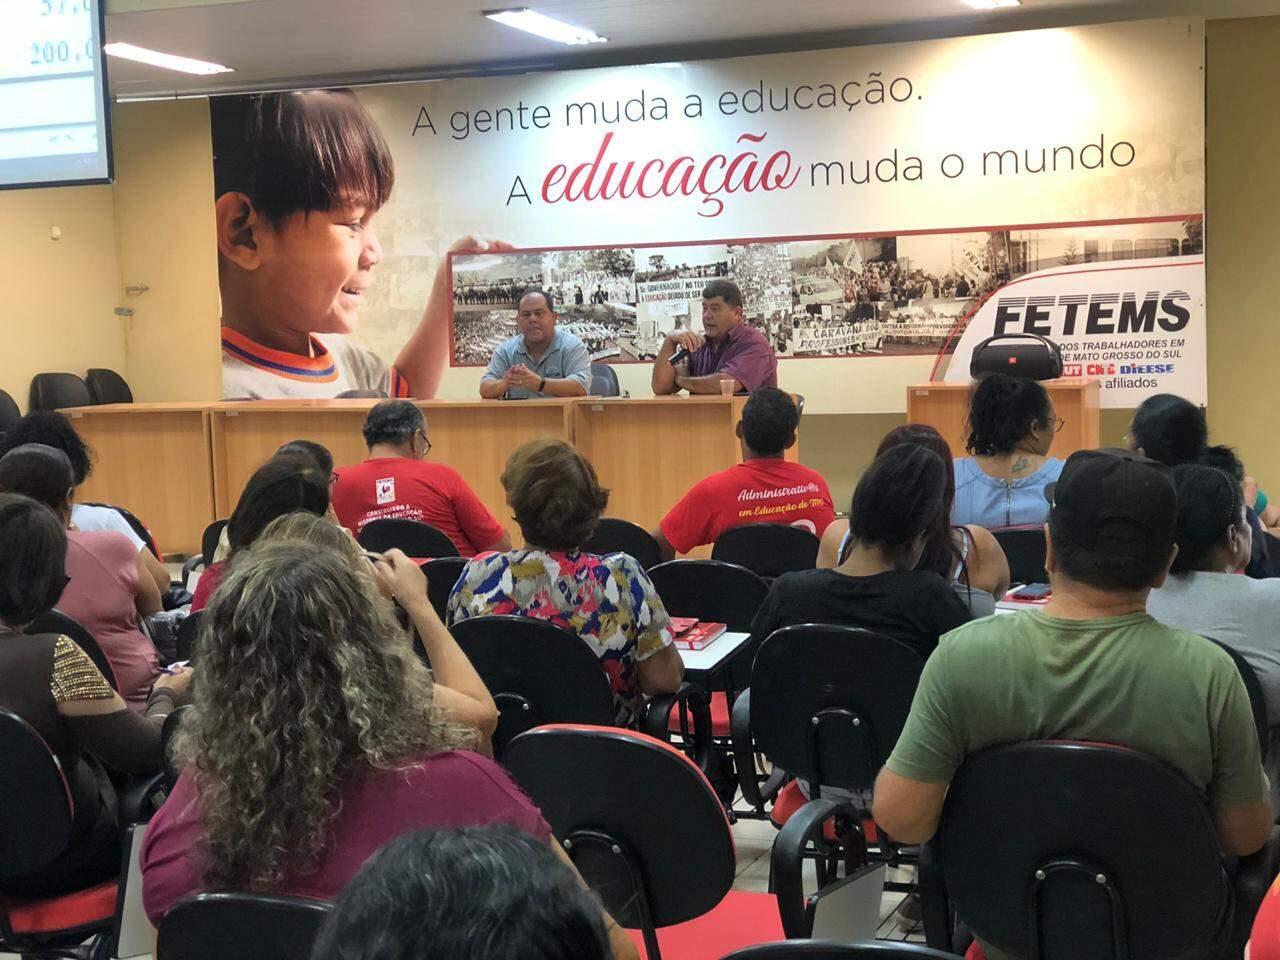 Evento reunindo professores, na Fetems, antes da pandemia de covid-19 (Foto: Ascom/Arquivo)